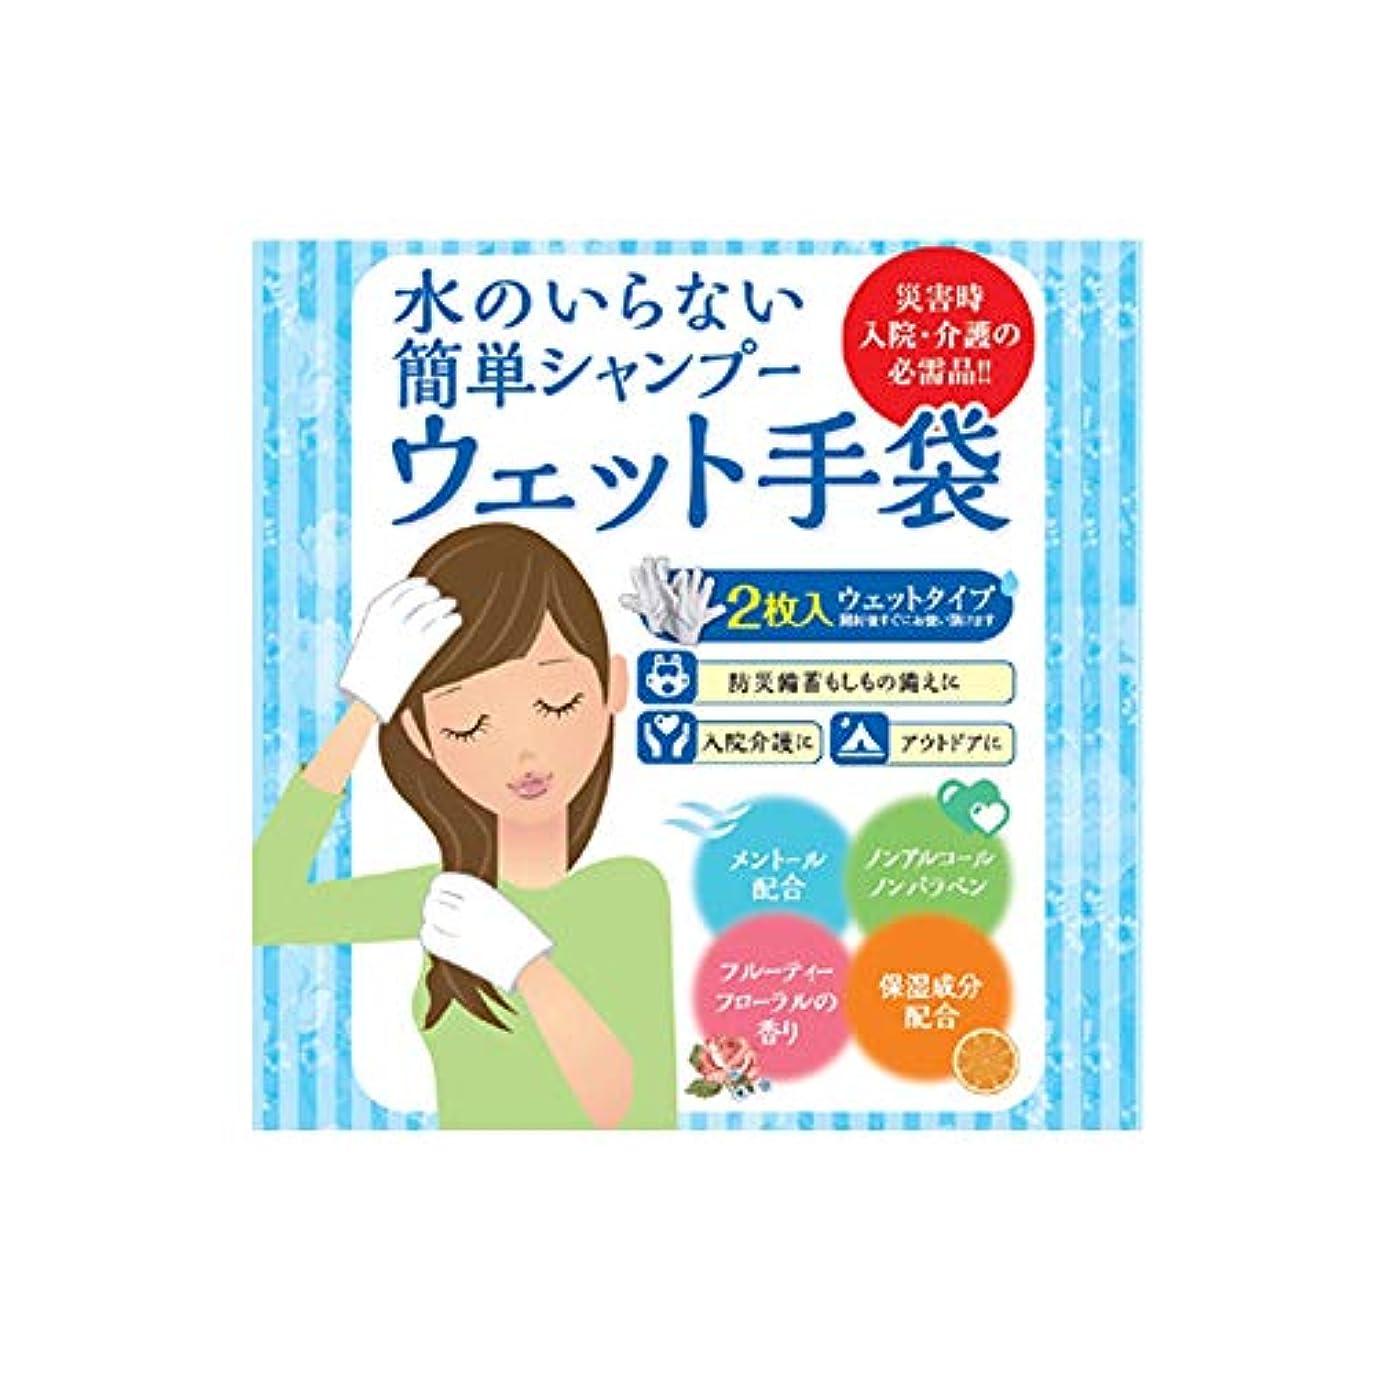 メインドラッグ行商人四国紙販売株式会社 水のいらない泡なしシャンプー ウェット手袋(2枚入) フルーティーフローラル